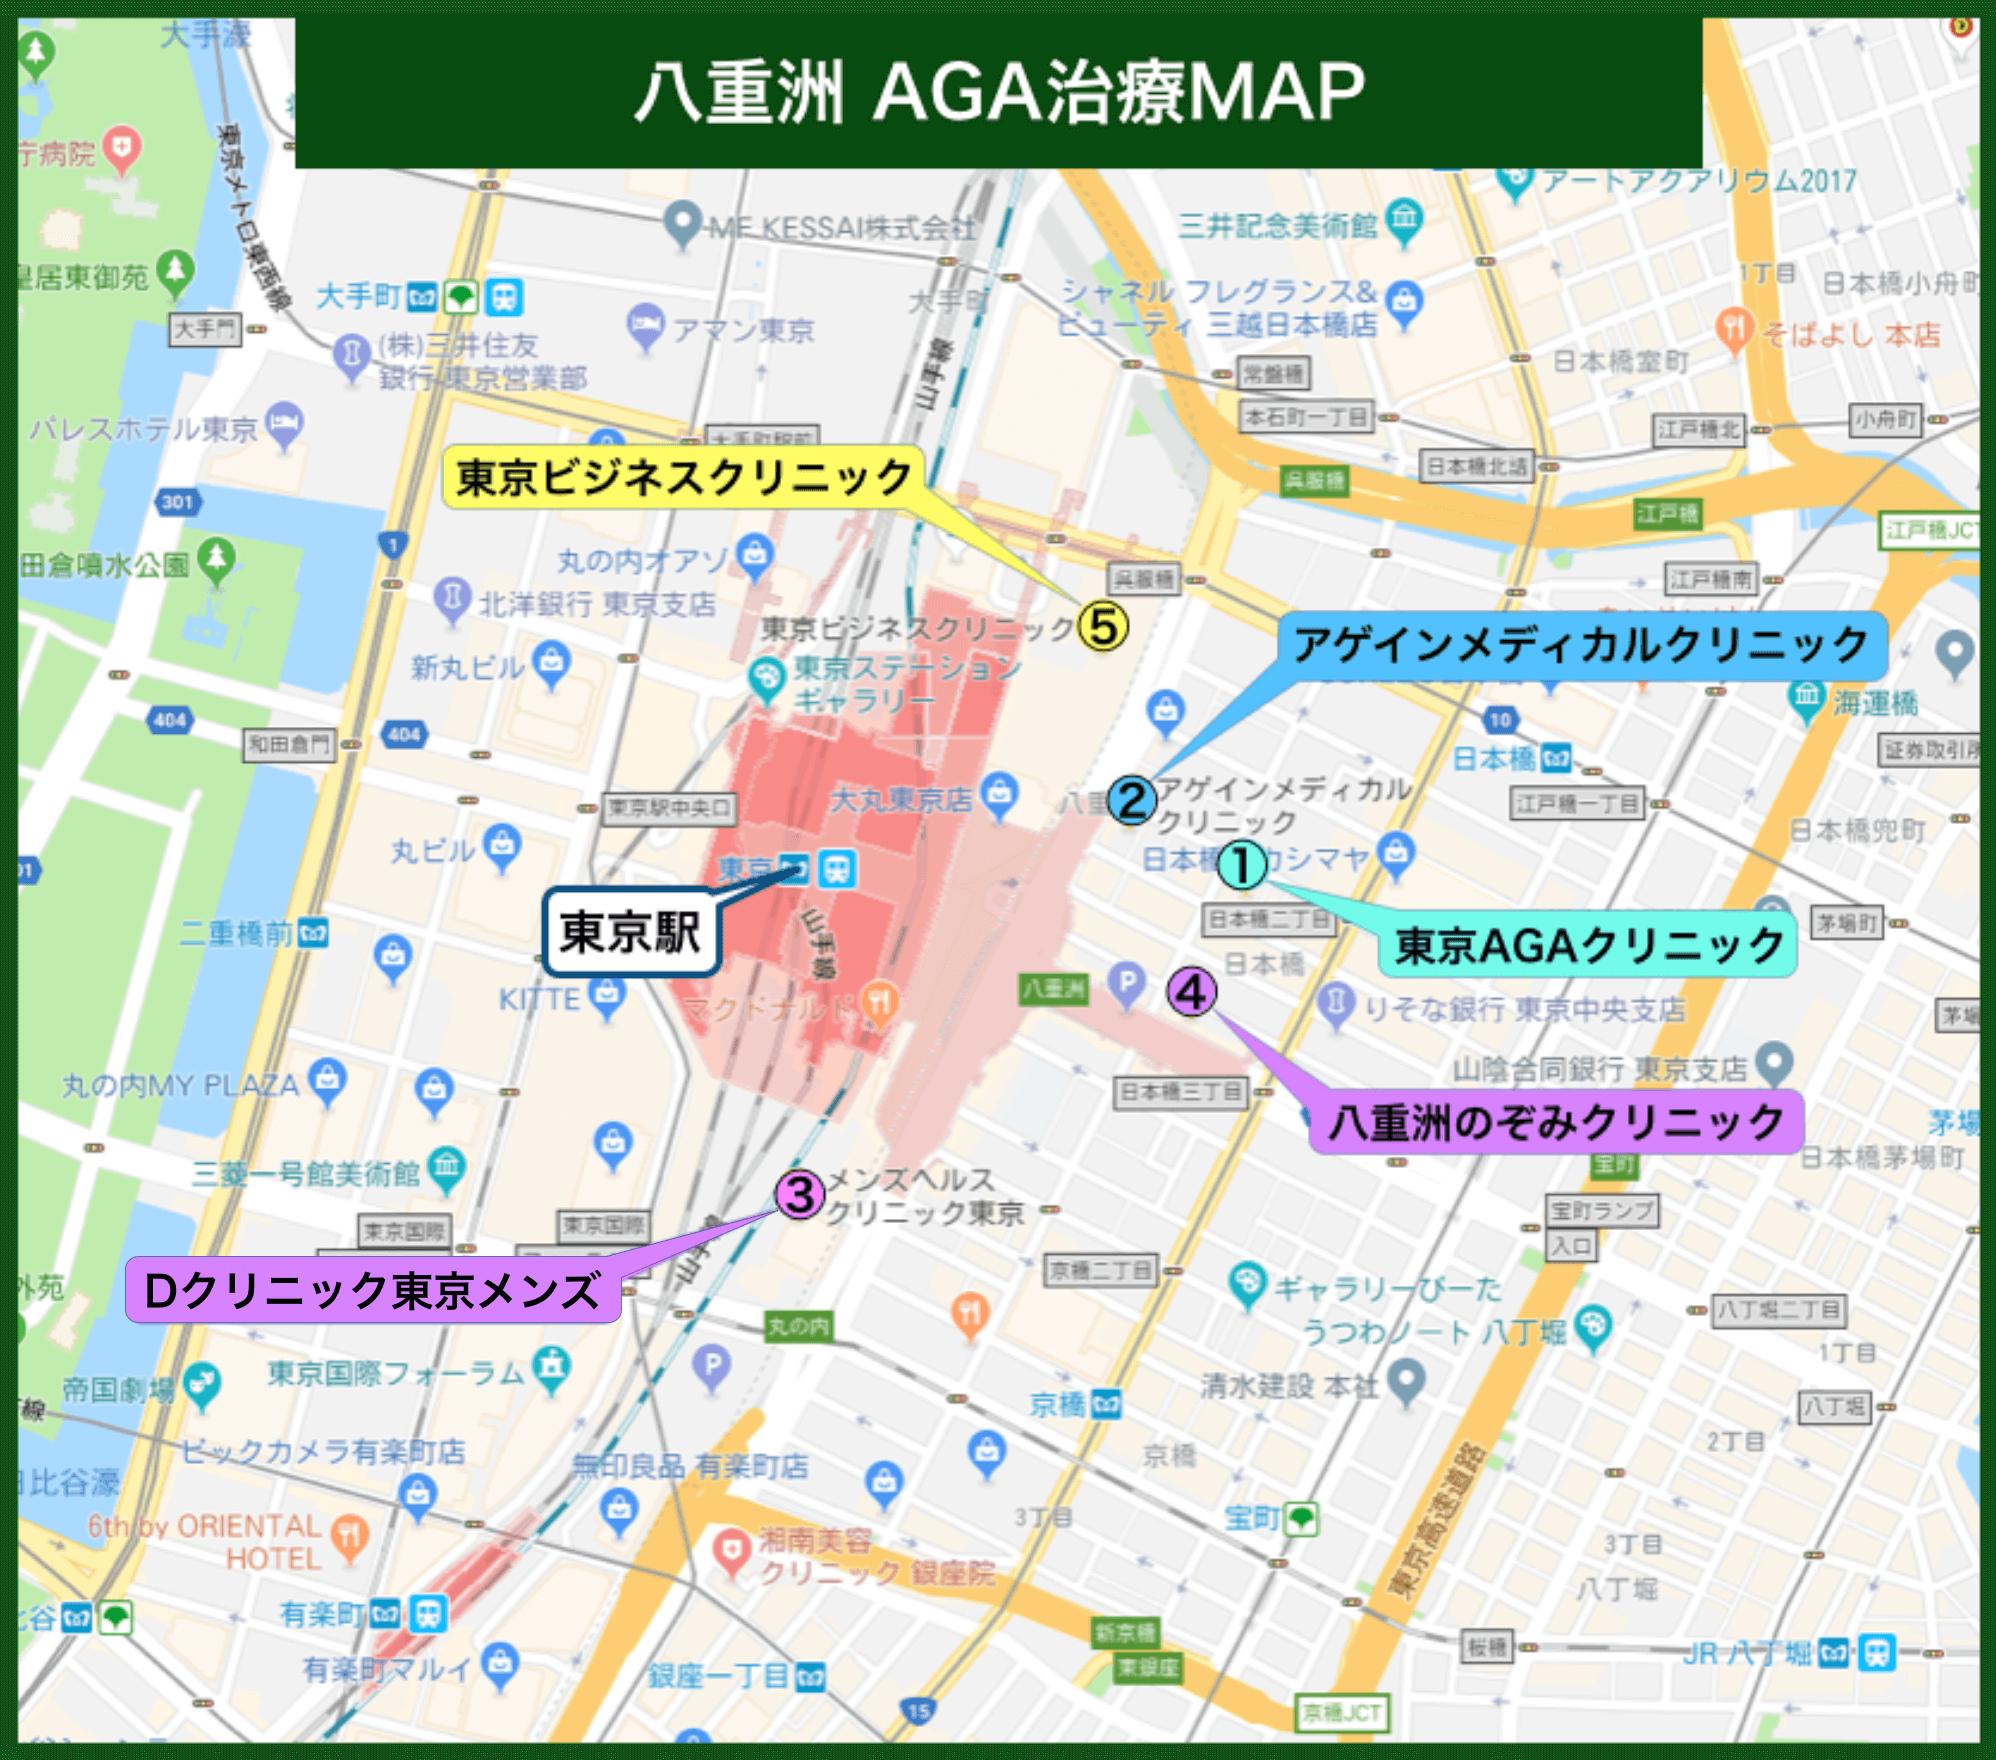 八重洲AGA治療MAP(2020年版)